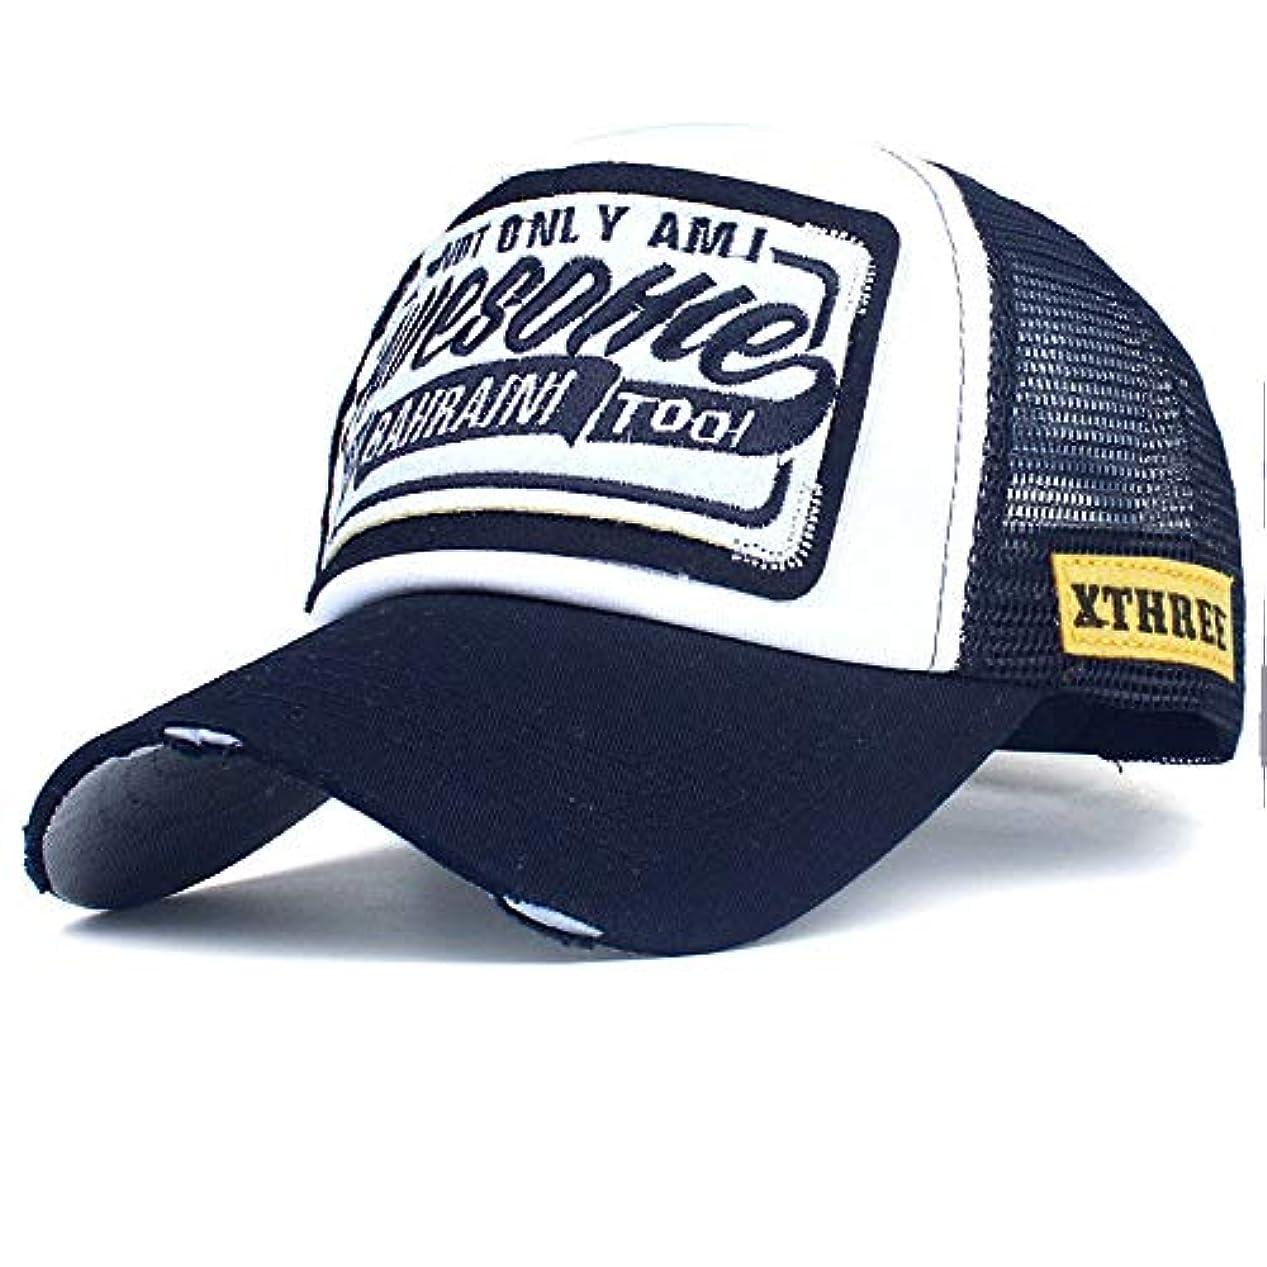 フィヨルドリダクターに慣れRacazing カモフラージュ 野球帽 ヒップホップ メンズ 夏 登山 帽子 迷彩 可調整可能 プラスベルベット 棒球帽 UV 帽子 UVカット軽量 屋外 Unisex 鸭舌帽 Hat Cap